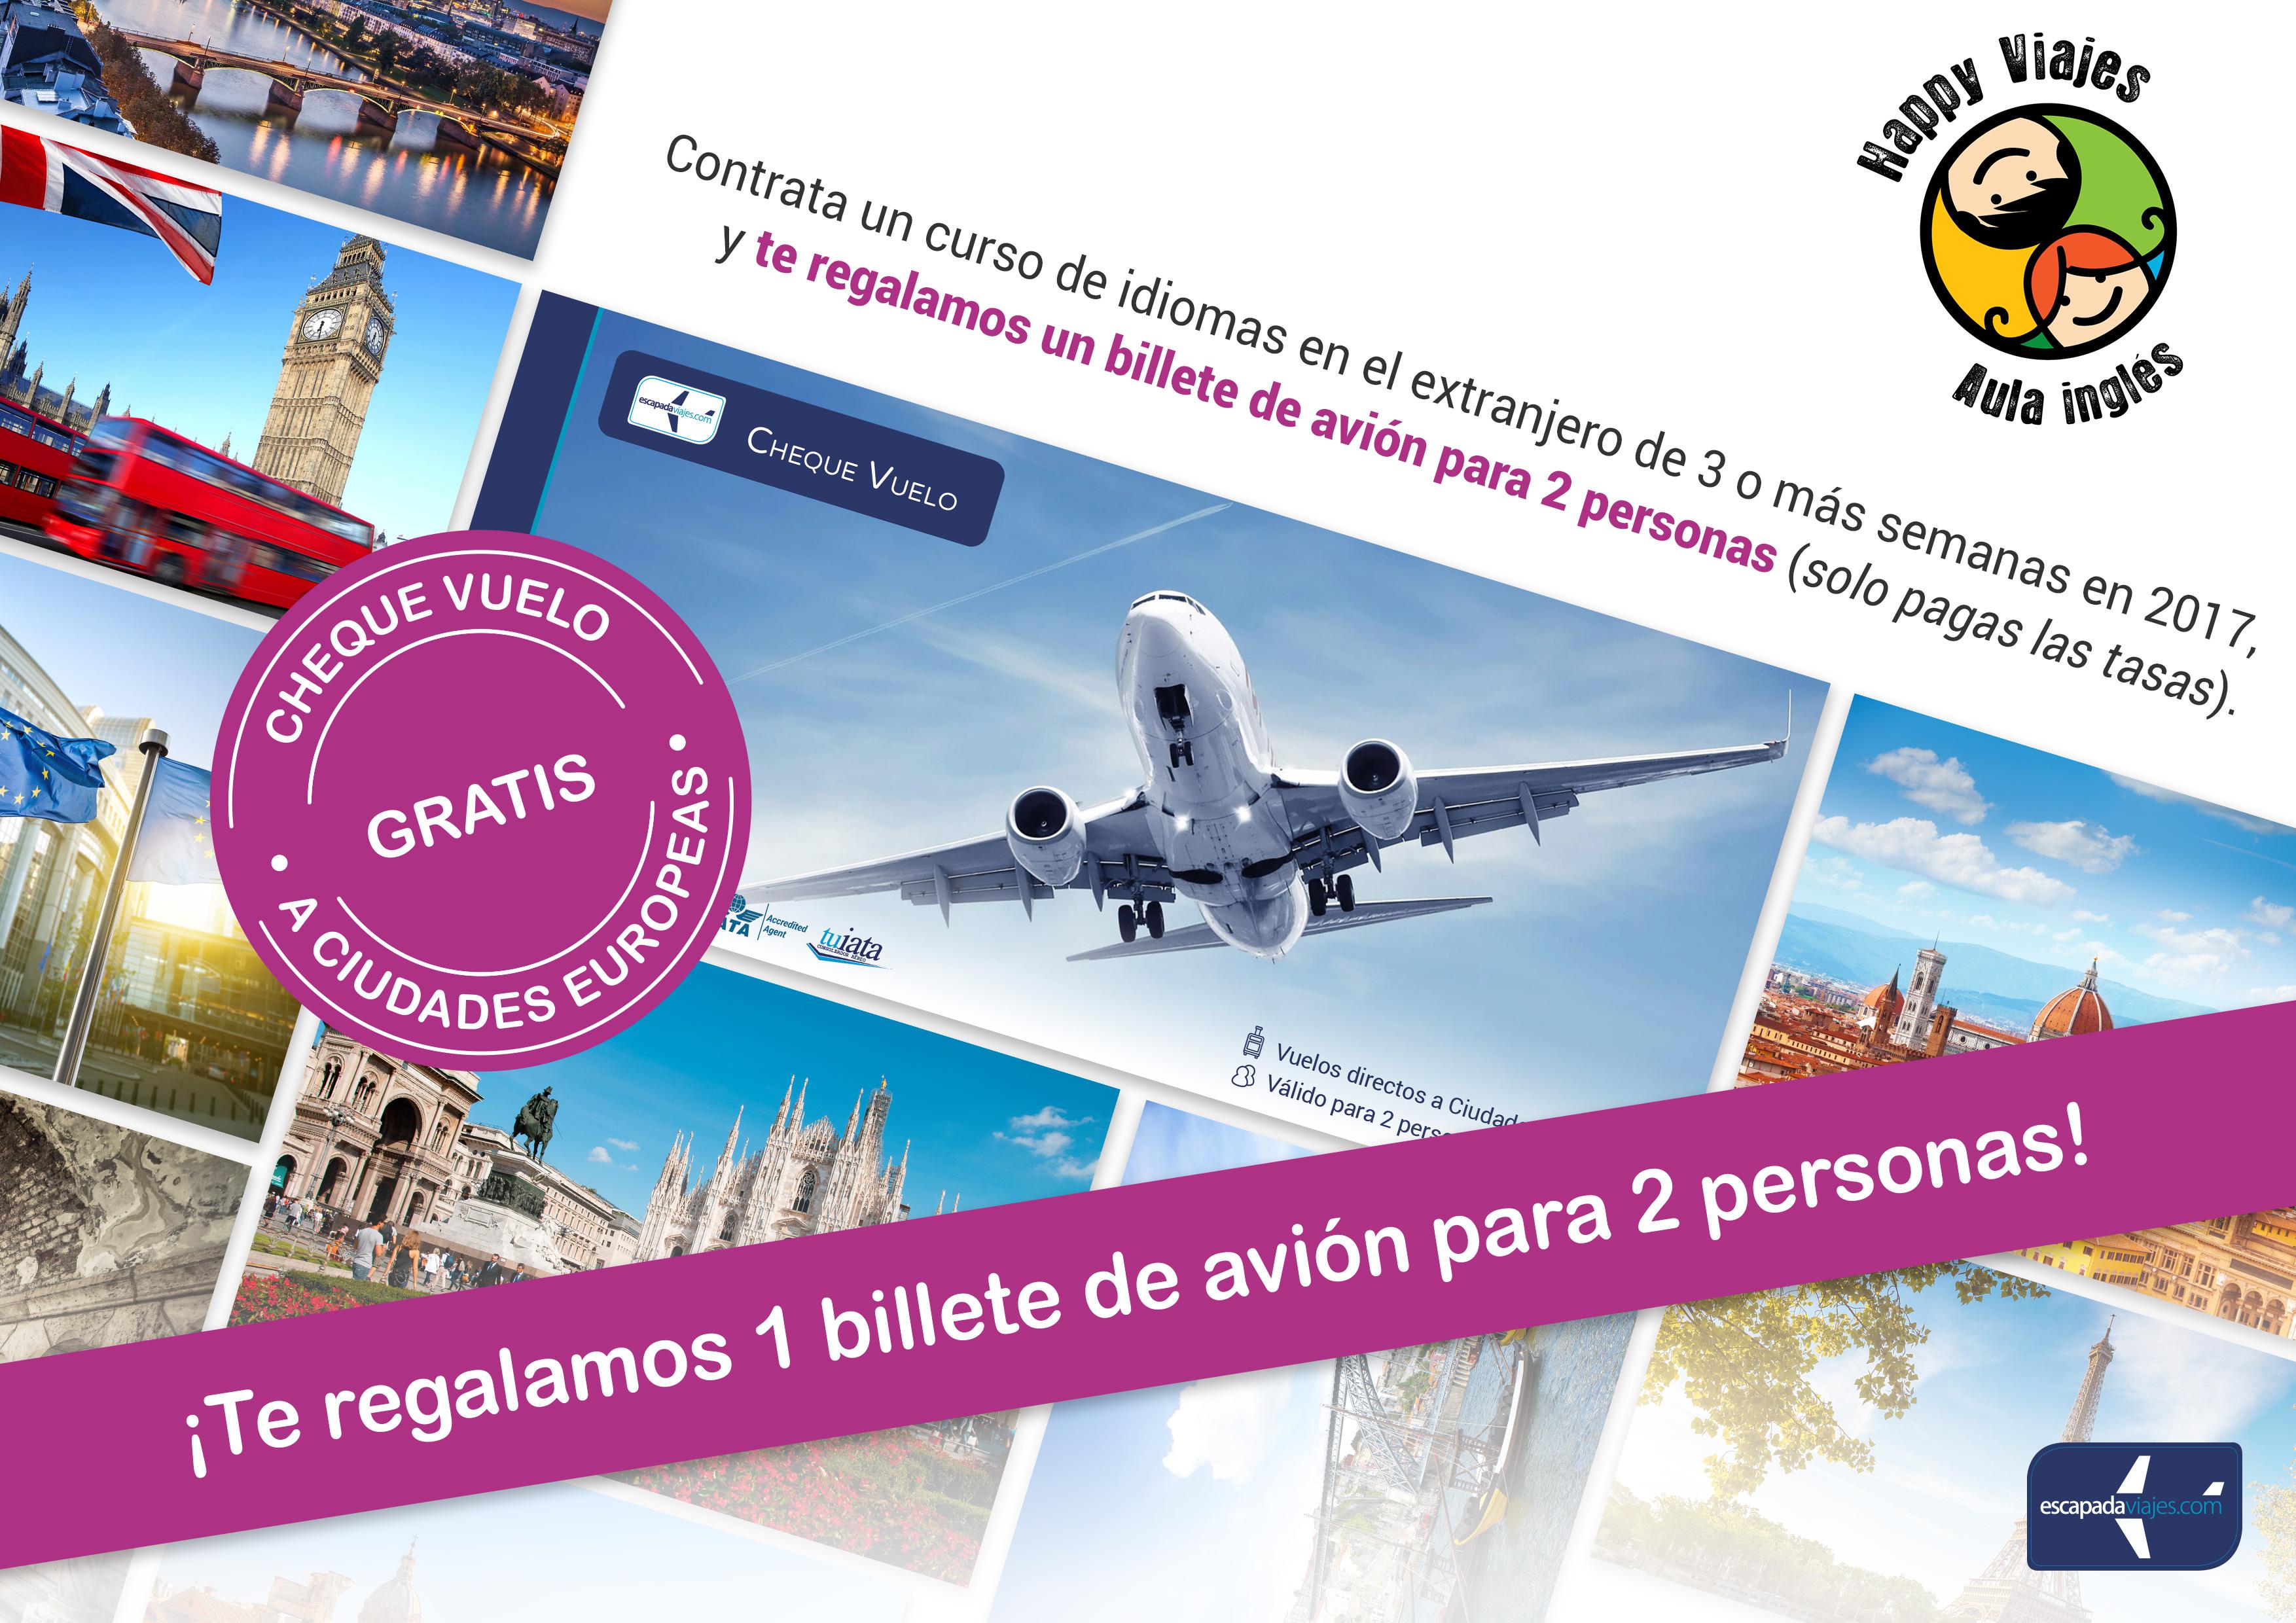 Cheque vuelo gratis